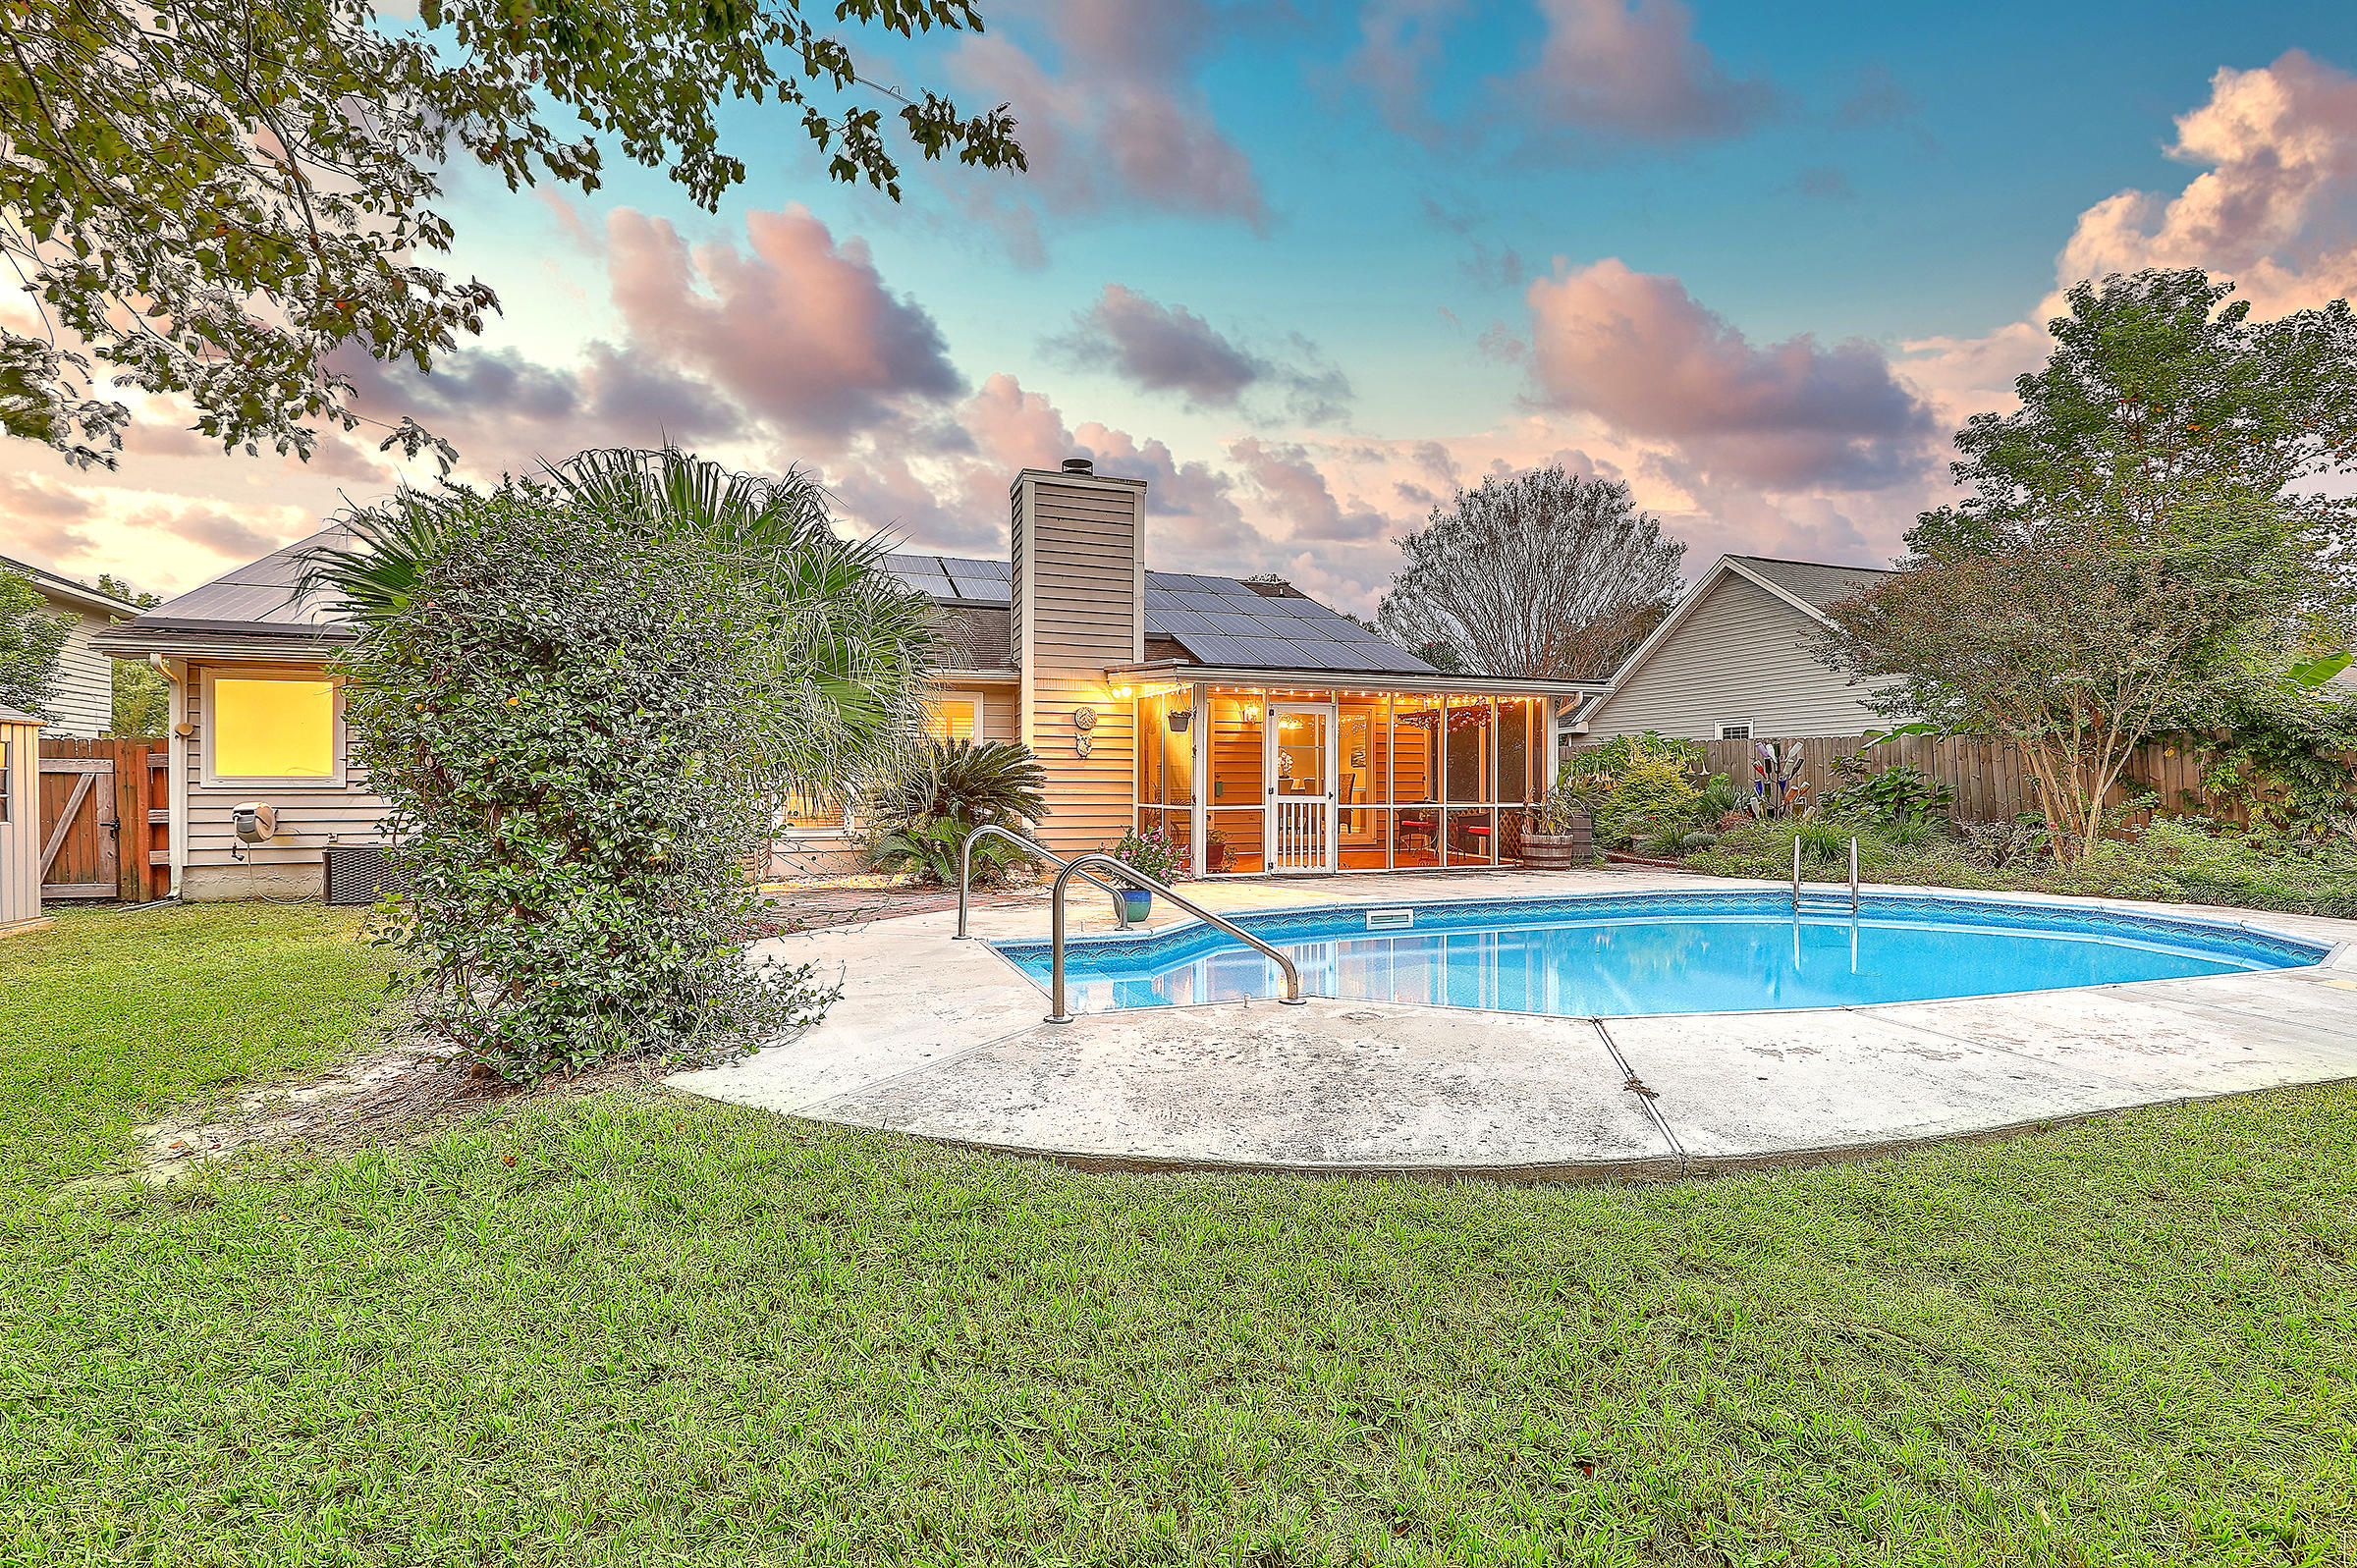 Coopers Landing Homes For Sale - 1474 Hidden Bridge, Mount Pleasant, SC - 14